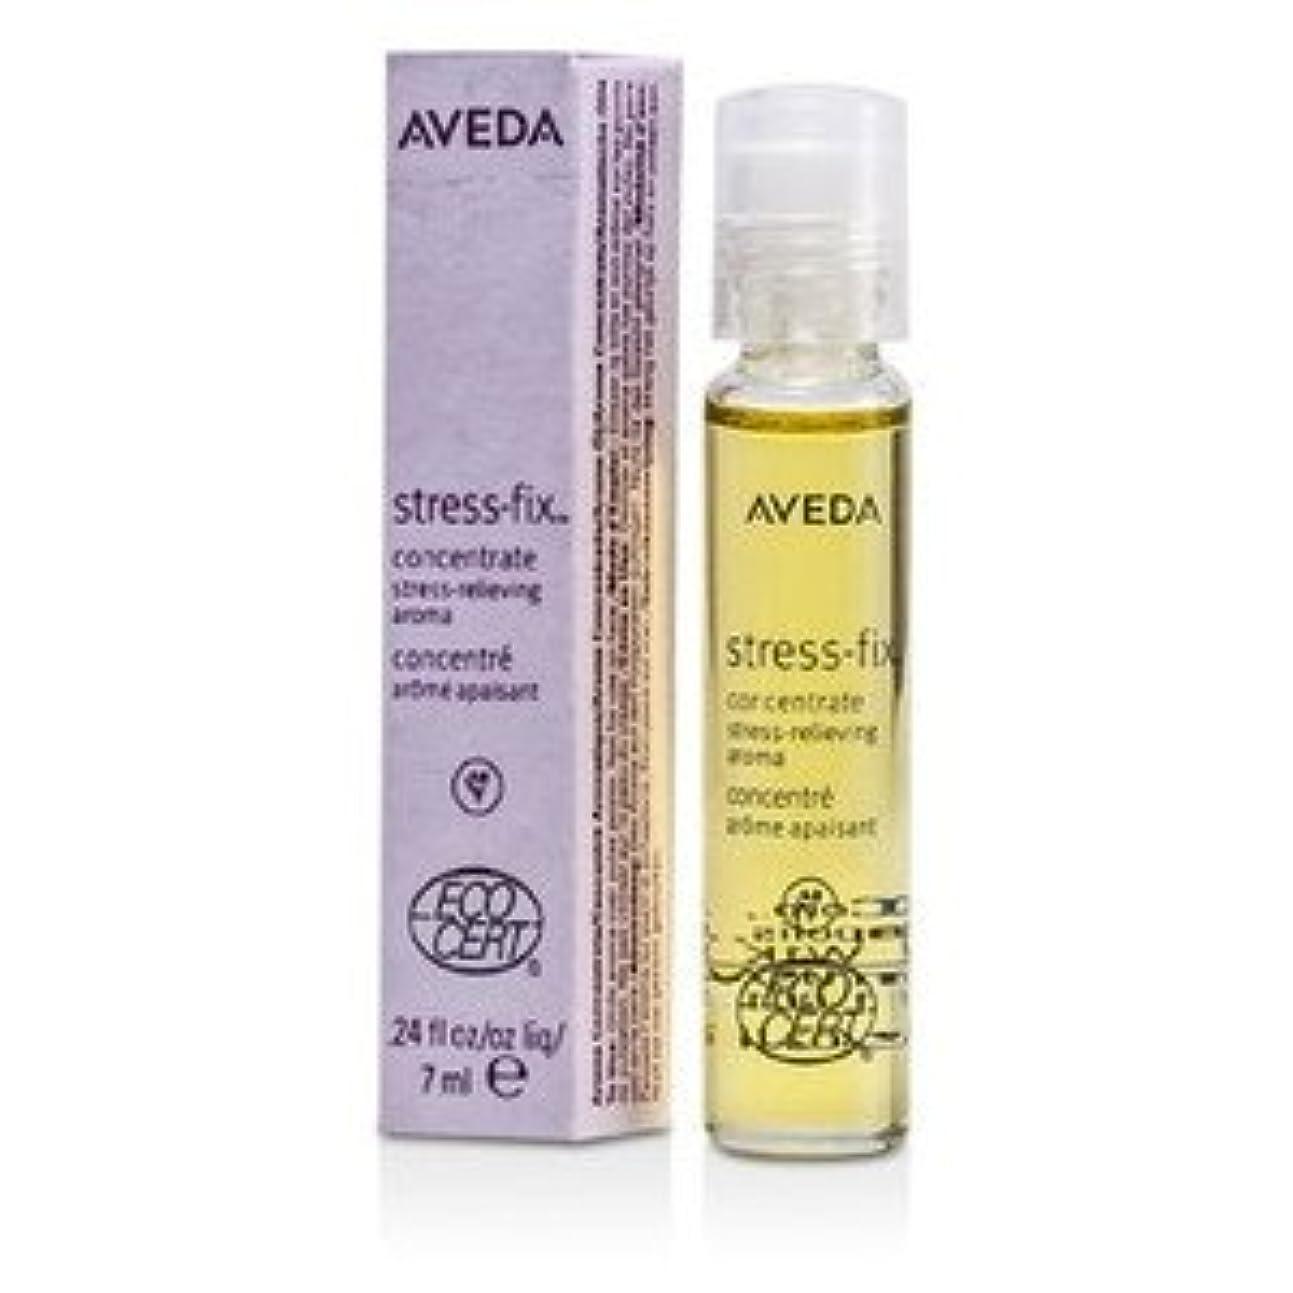 容赦ない粘性の現代のAveda(アヴェダ) ストレス Fix コンセントレイト 7ml/0.24oz [並行輸入品]